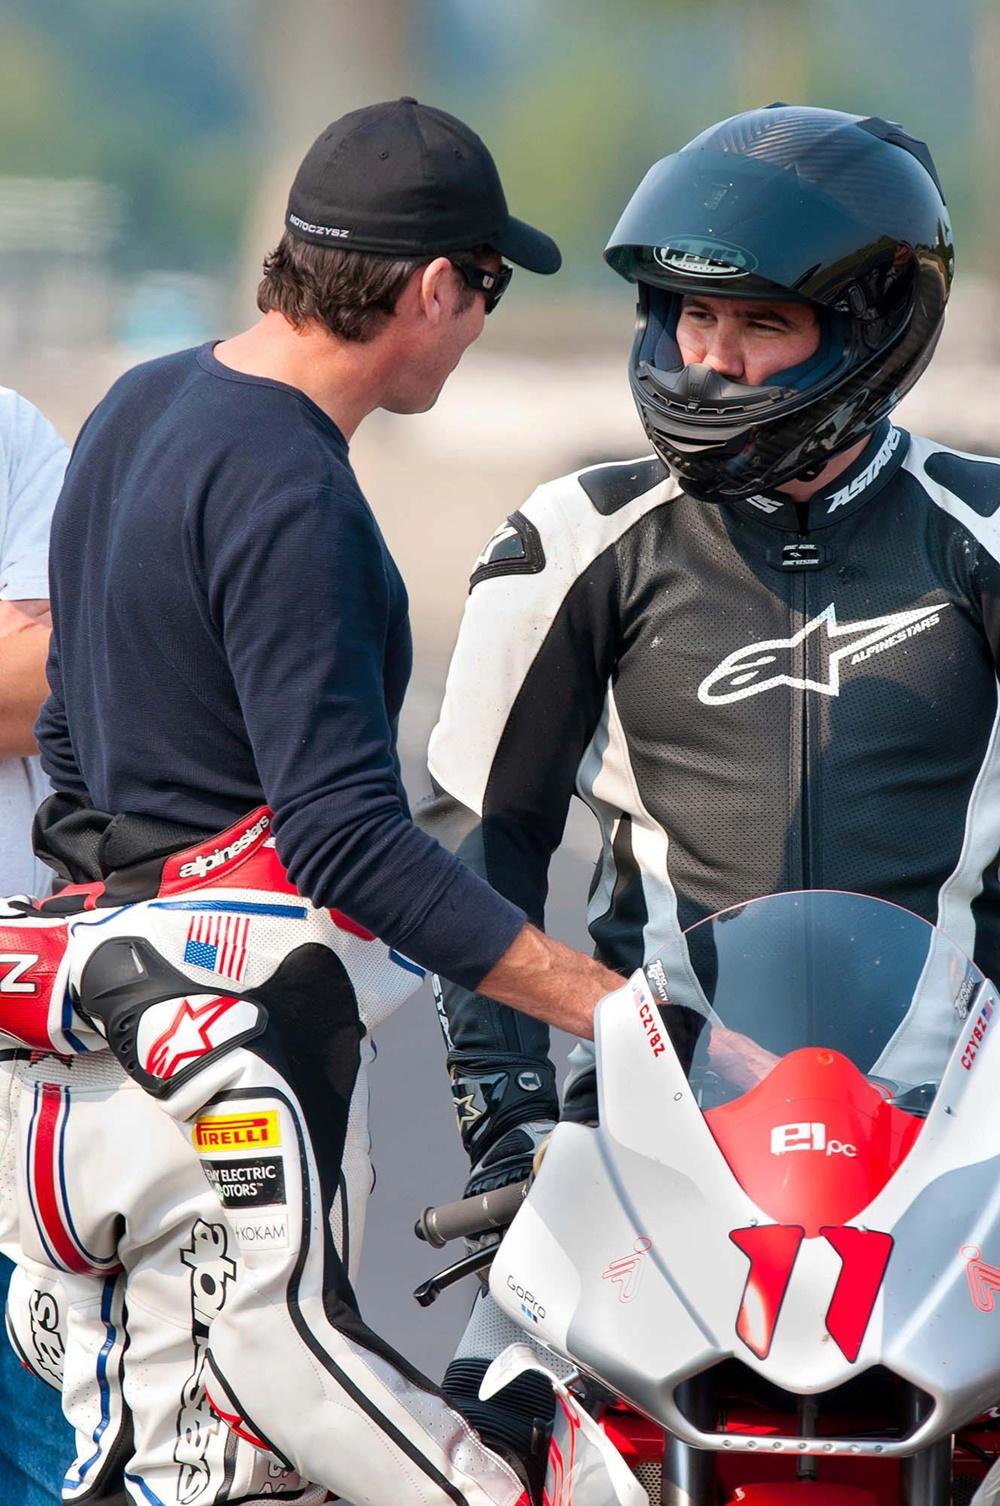 Ушел из жизни Майкл Сизз, талантливый конструктор и мотогонщик